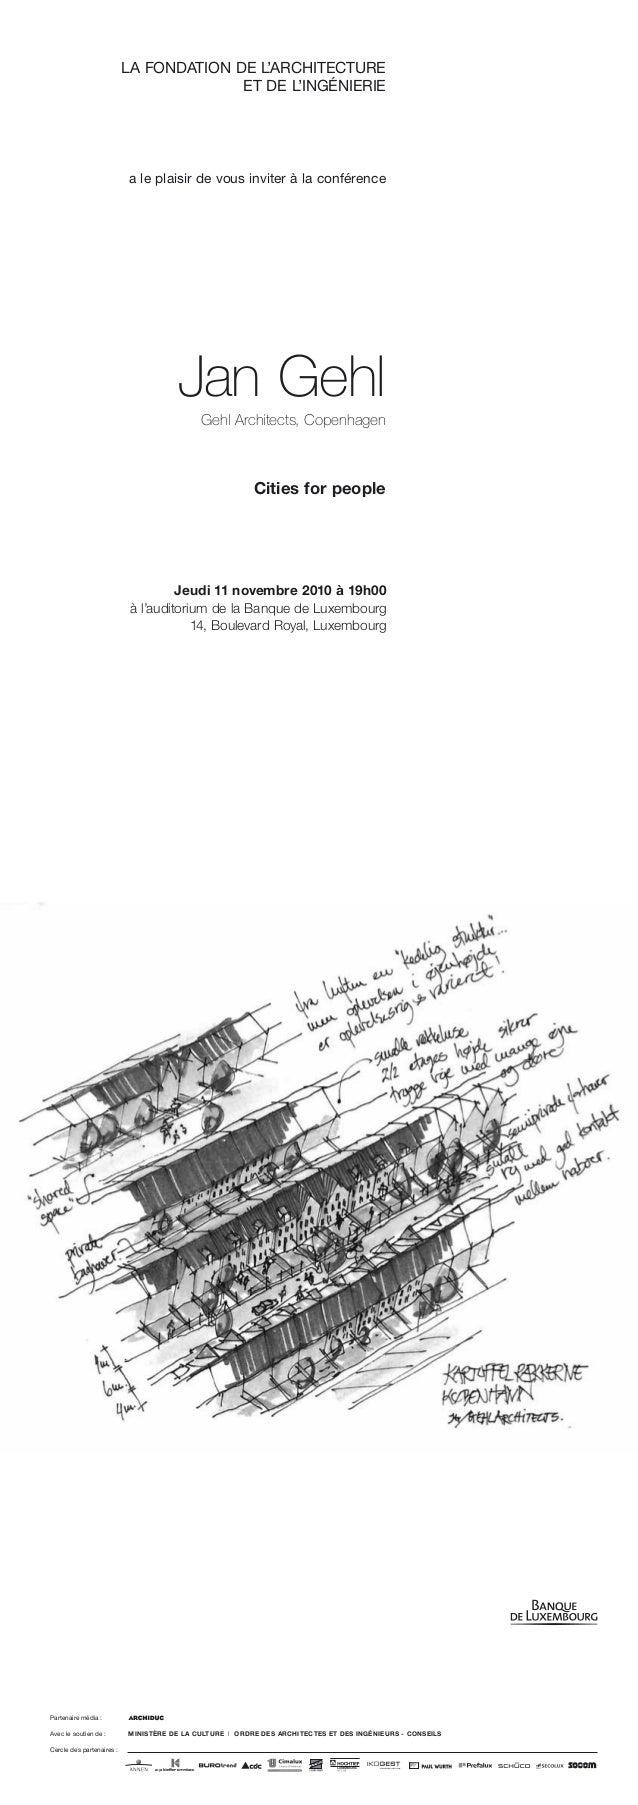 LA FONDATION DE L'ARCHITECTURE ET DE L'INGÉNIERIE a le plaisir de vous inviter à la conférence Jeudi 11 novembre 2010 à 19...